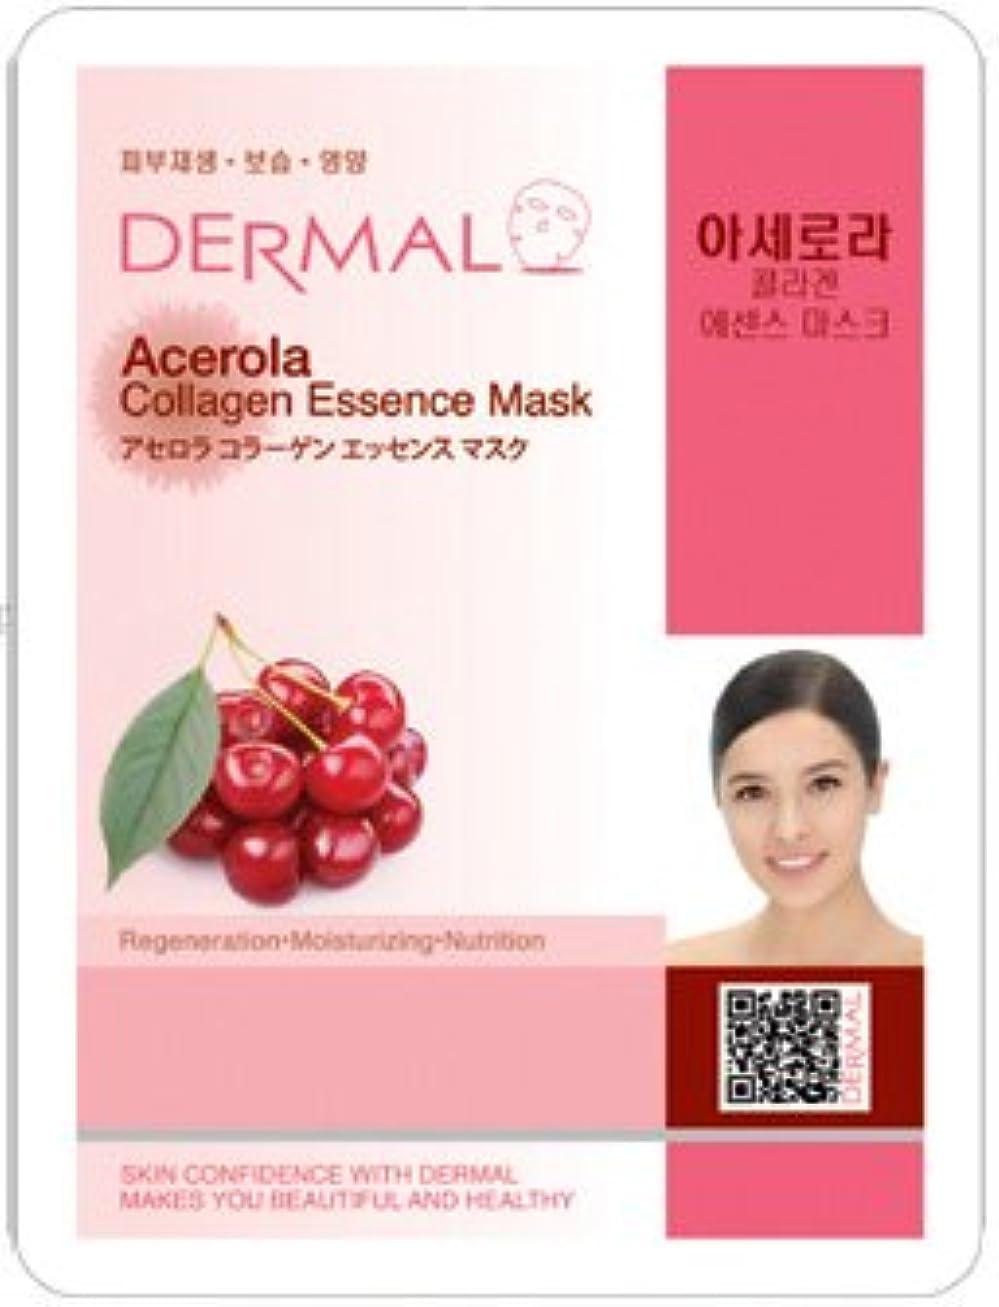 トマトヘロイン持っているシートマスク アセロラ 100枚セット ダーマル(Dermal) フェイス パック